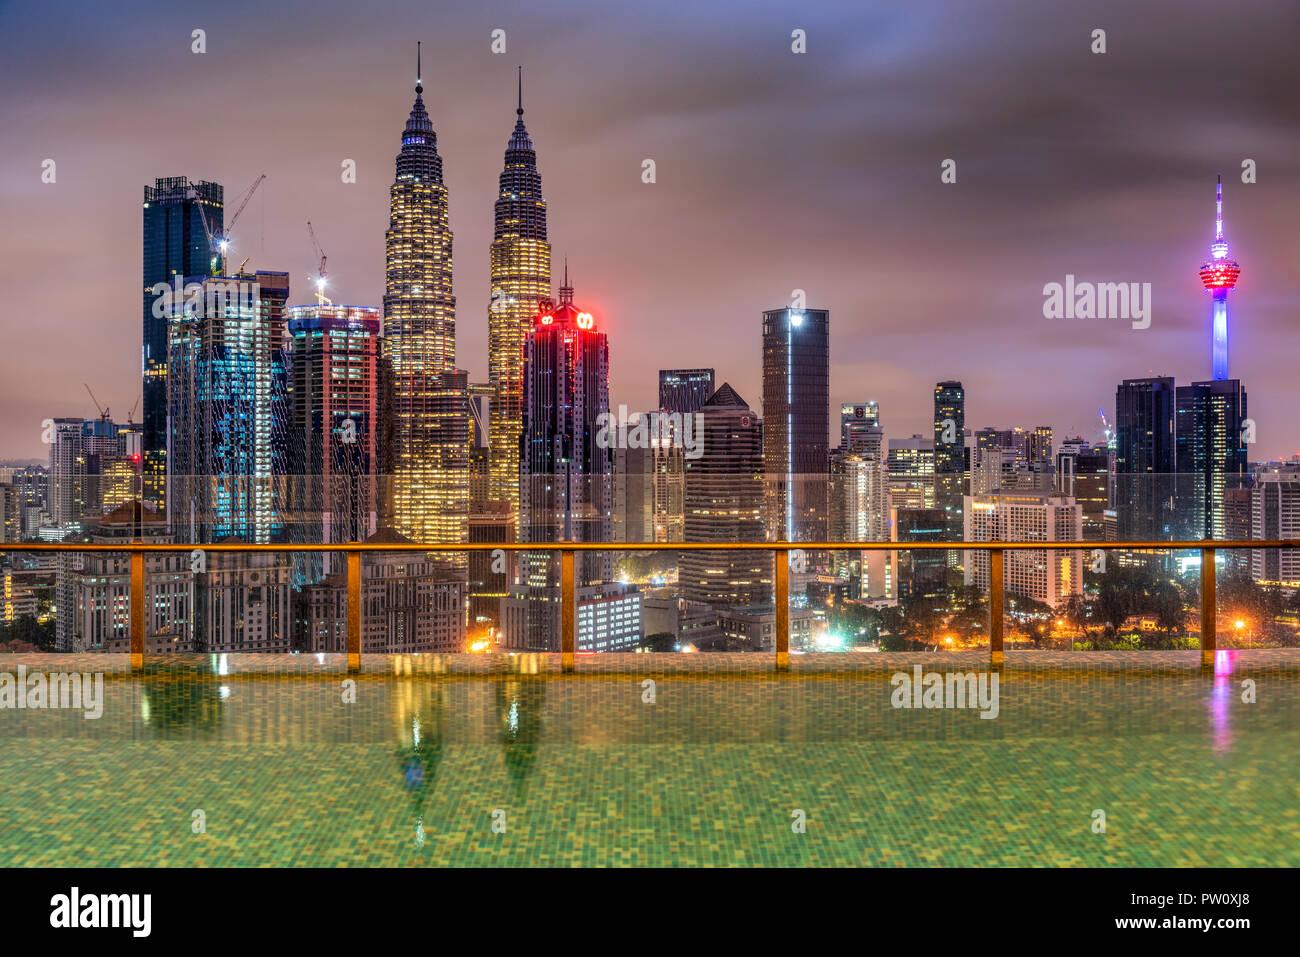 Sur les toits de la ville avec piscine à débordement, Kuala Lumpur, Malaisie Photo Stock